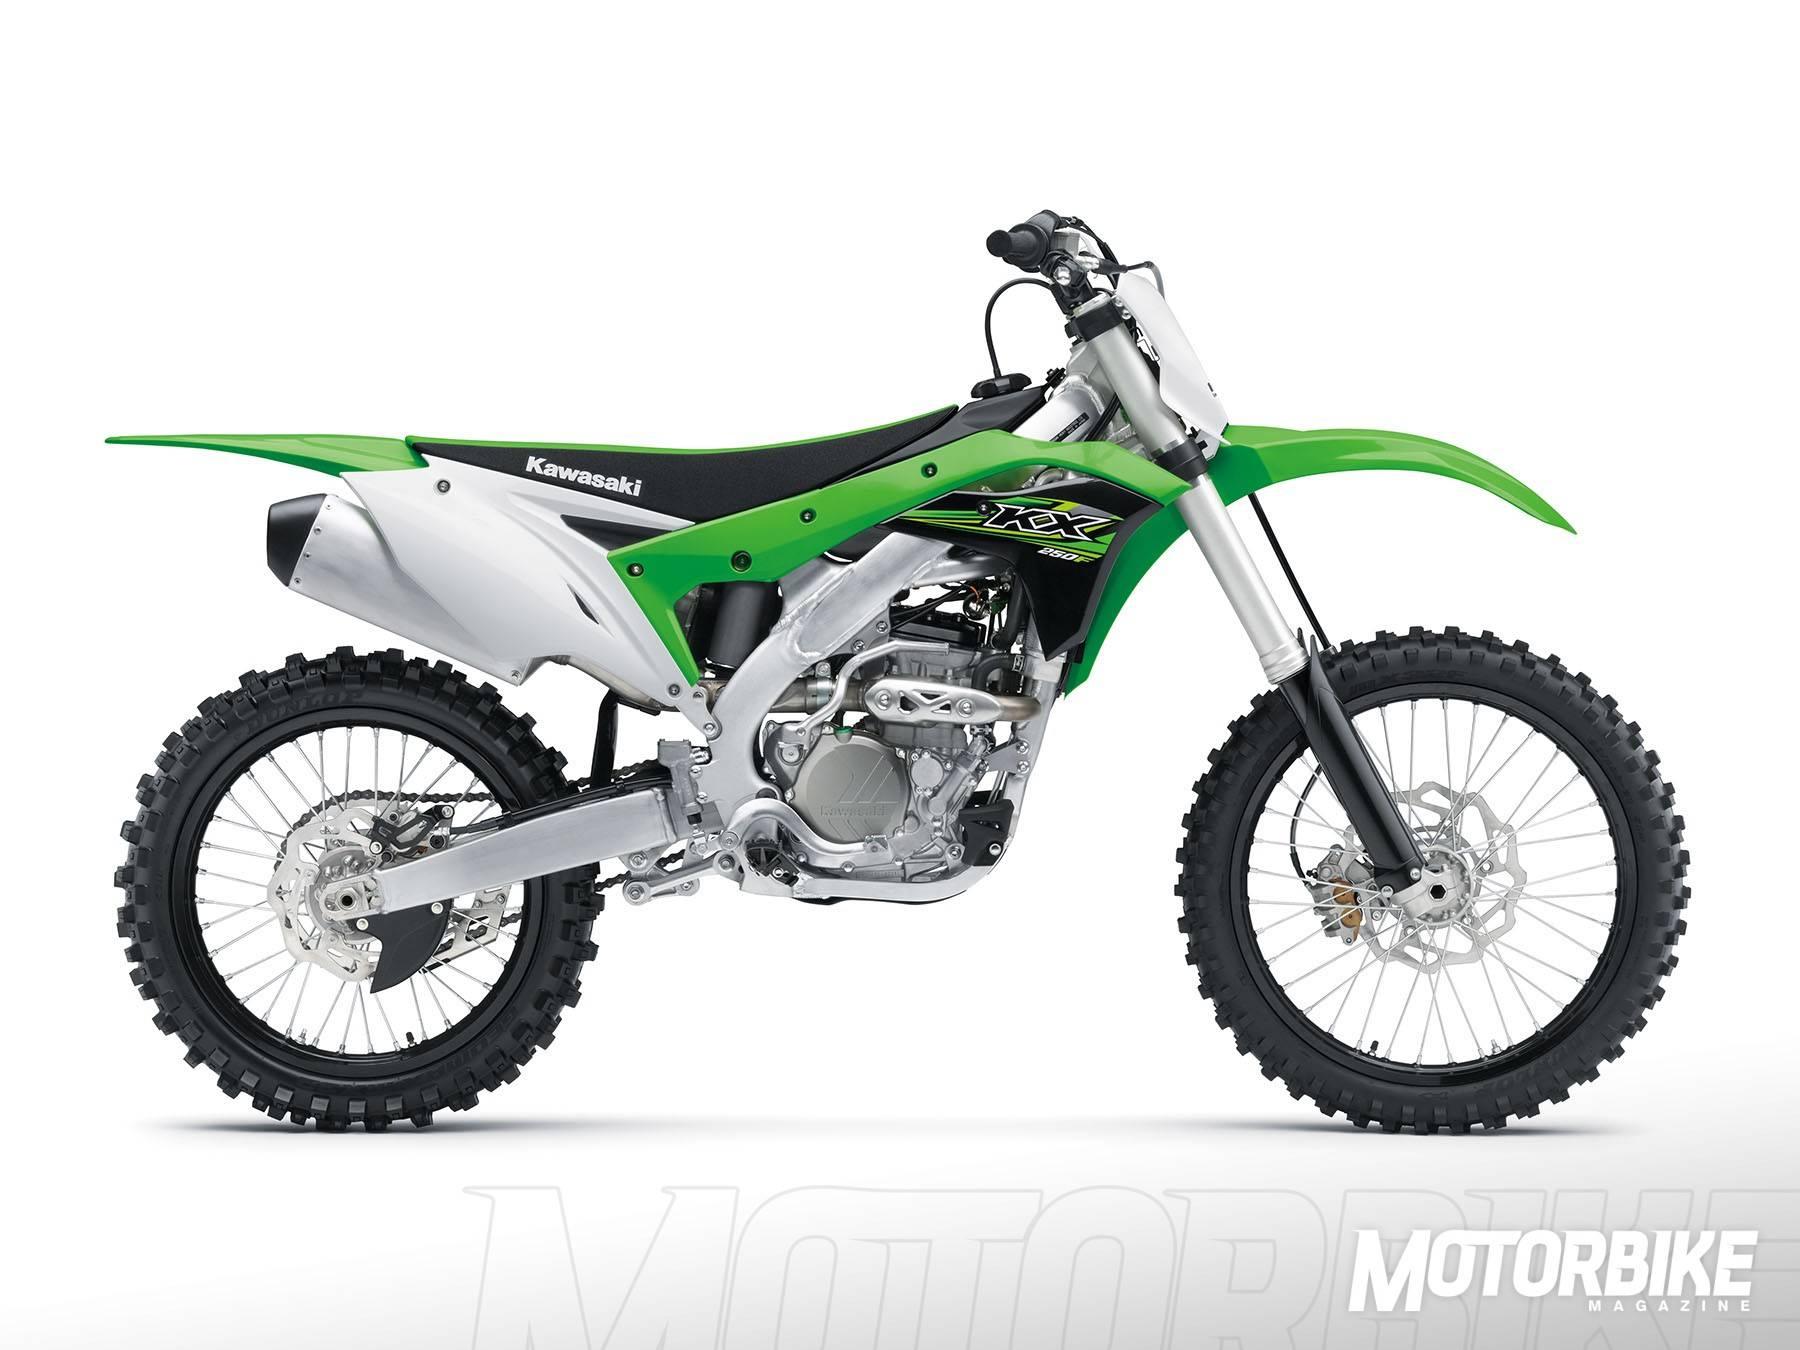 Kawasaki Kx250f 2017 Precio Fotos Ficha Tecnica Y Motos